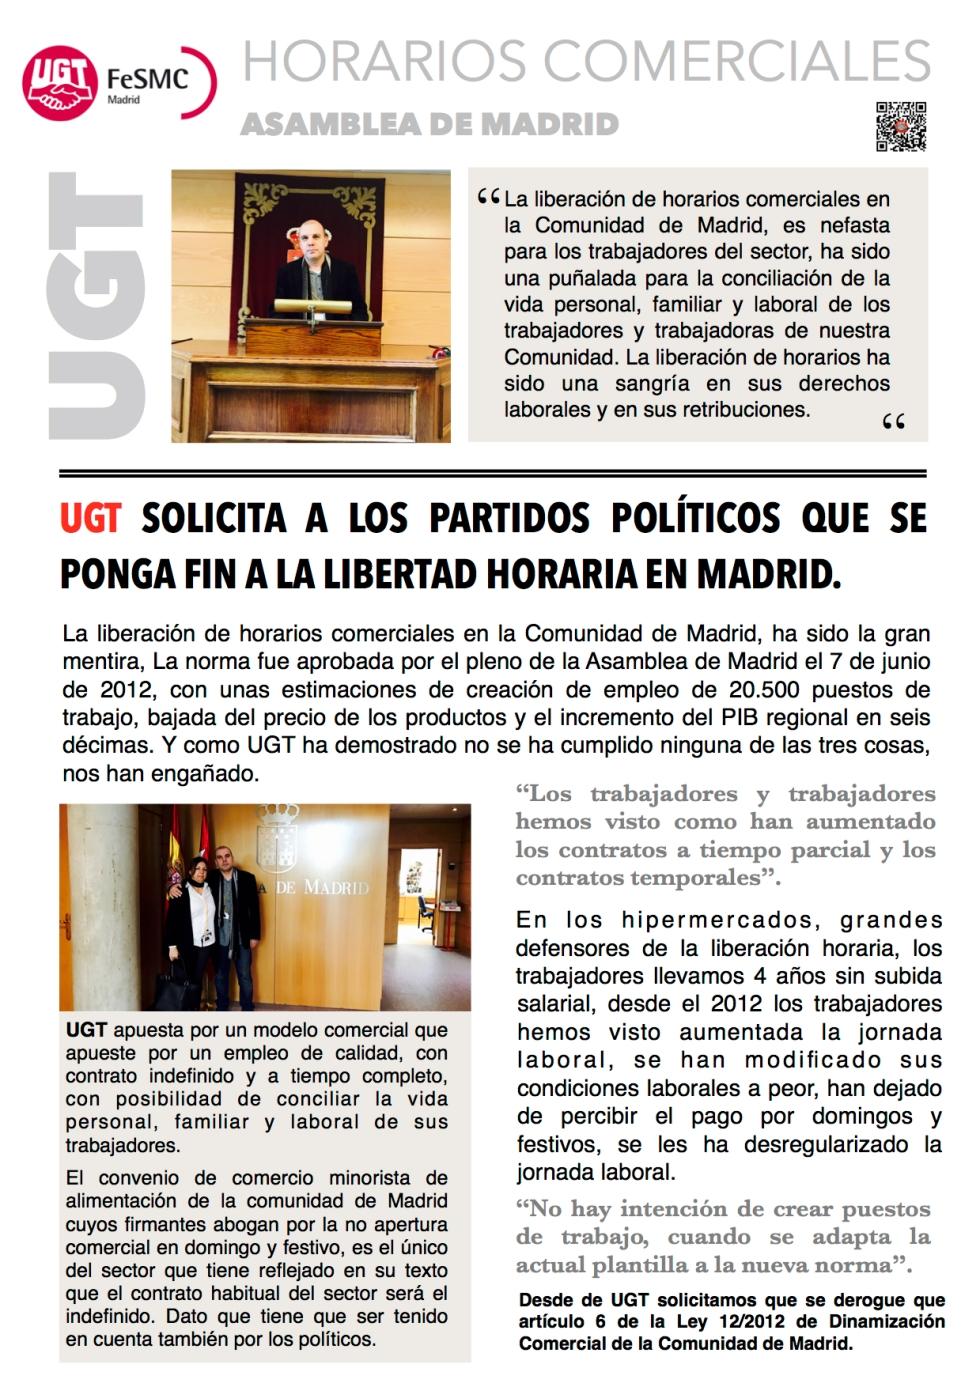 UGT solicita a los partidos políticos que se ponga fin a la libertad horaria en Madrid.